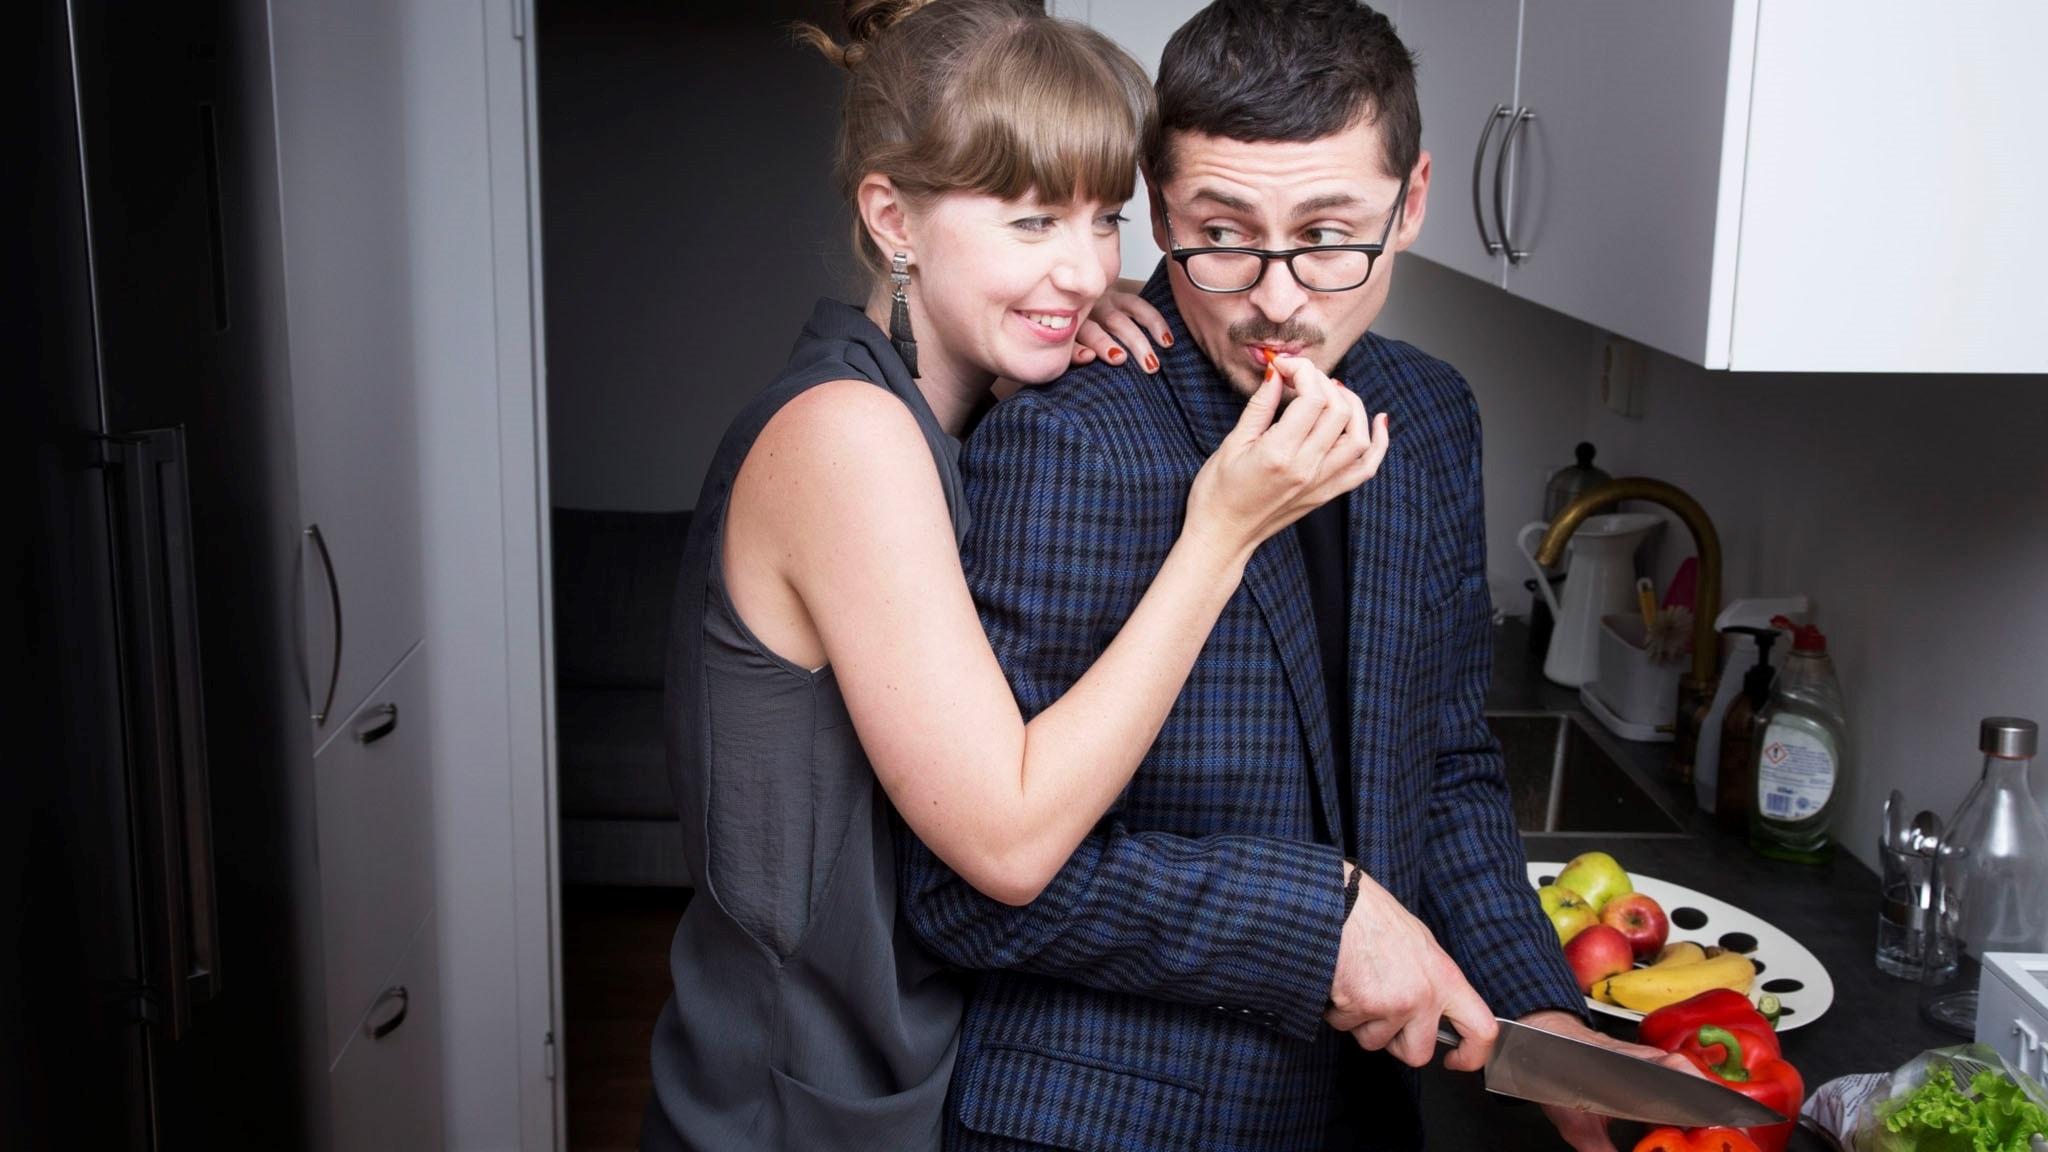 är krasch och mars dating nu radio Dating berättelser Toronto